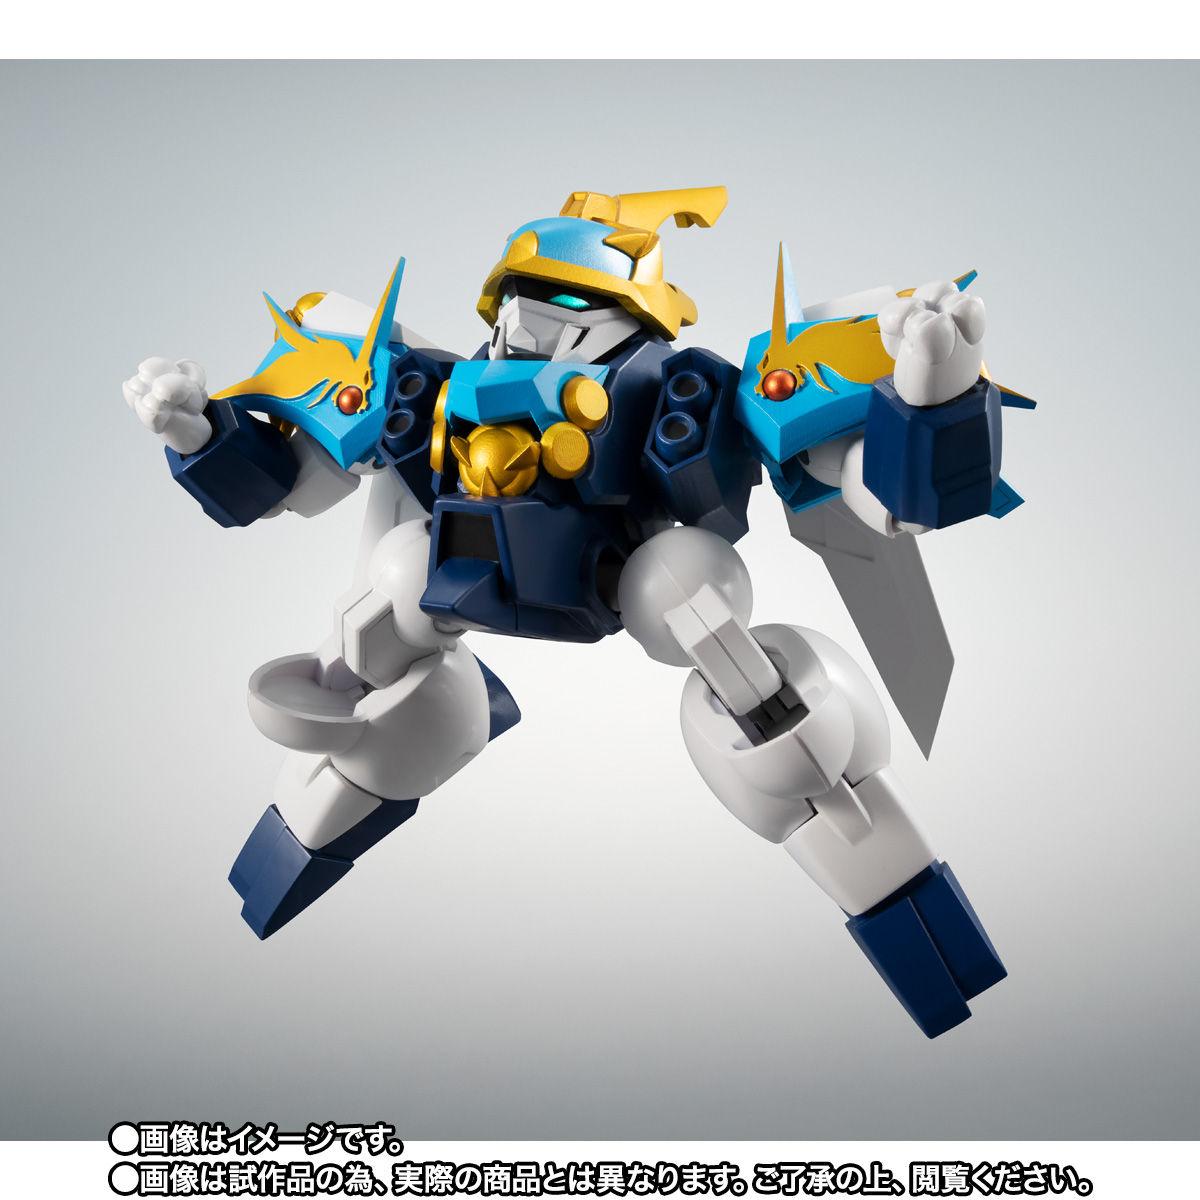 【限定販売】ROBOT魂〈SIDE MASHIN〉『龍蒼丸』魔神英雄伝ワタル 可動フィギュア-008